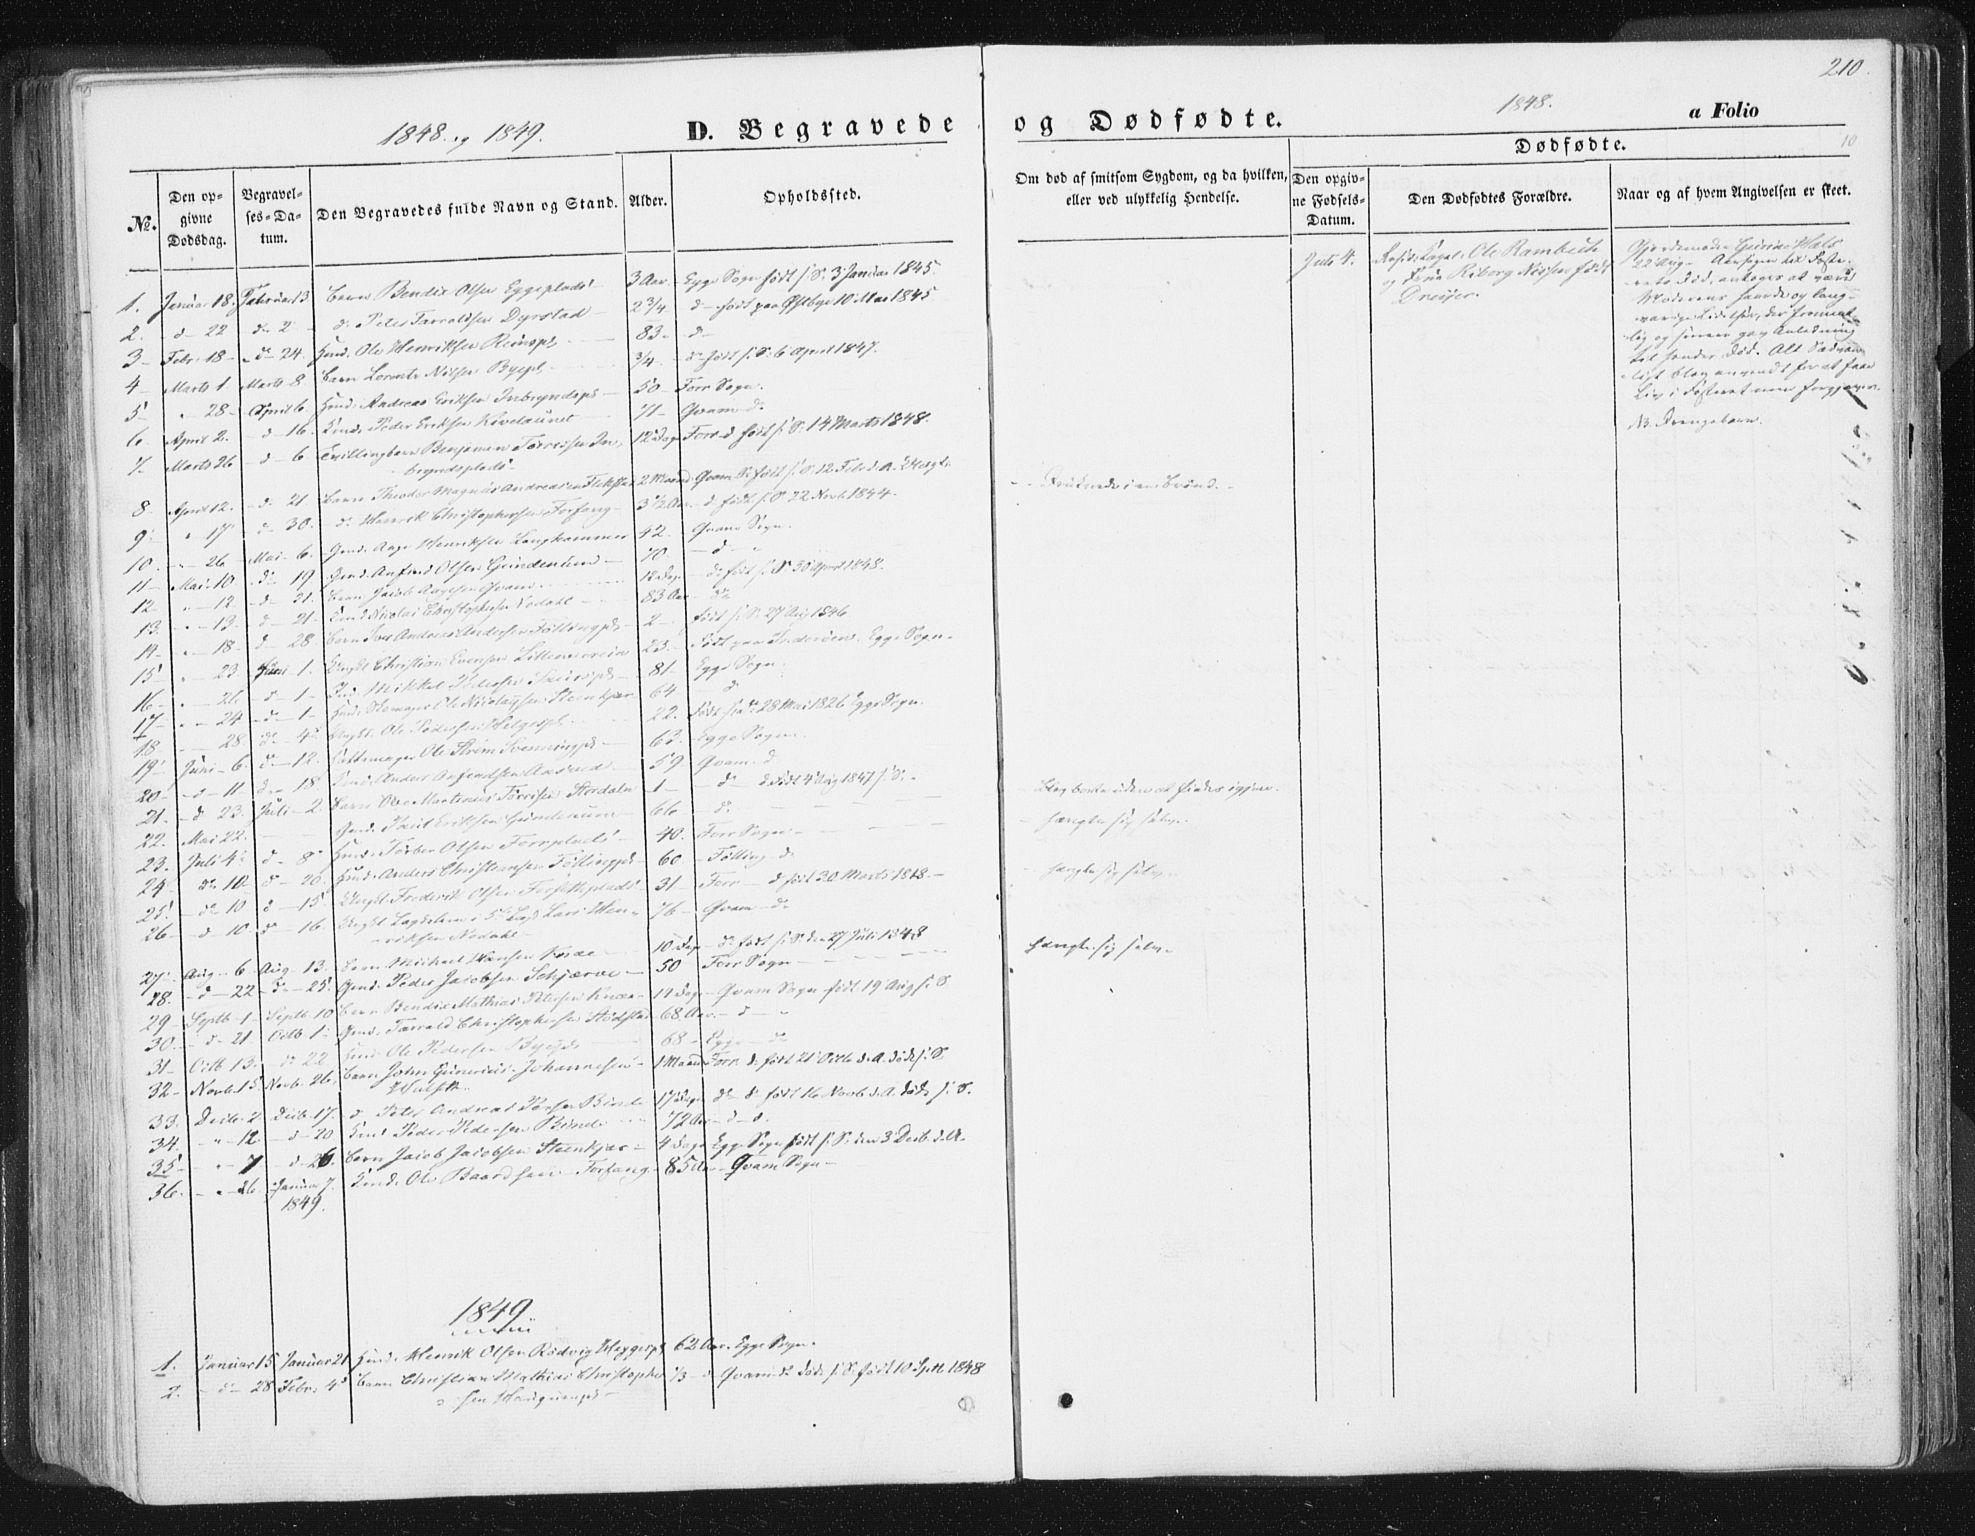 SAT, Ministerialprotokoller, klokkerbøker og fødselsregistre - Nord-Trøndelag, 746/L0446: Ministerialbok nr. 746A05, 1846-1859, s. 210